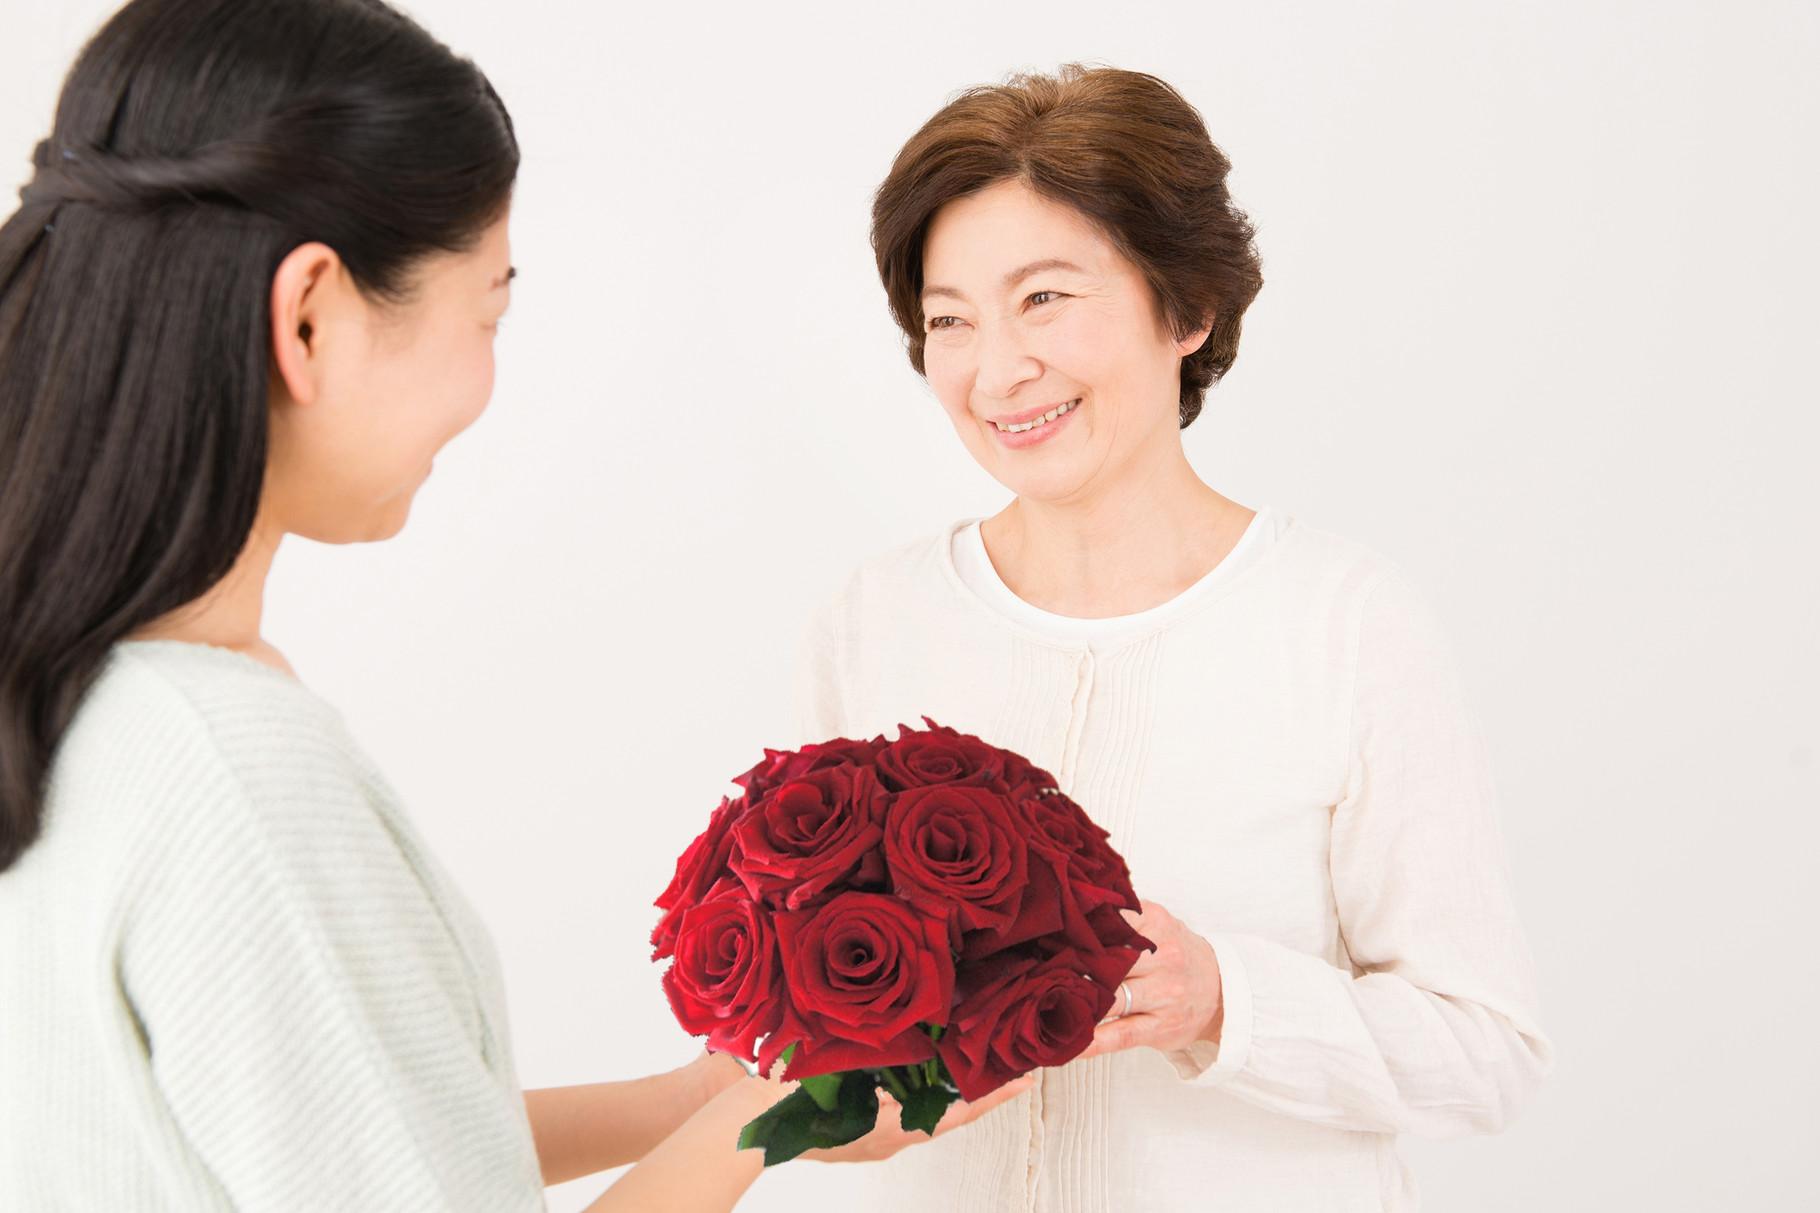 母の日の感謝の気持ちを込めて贈ってください。